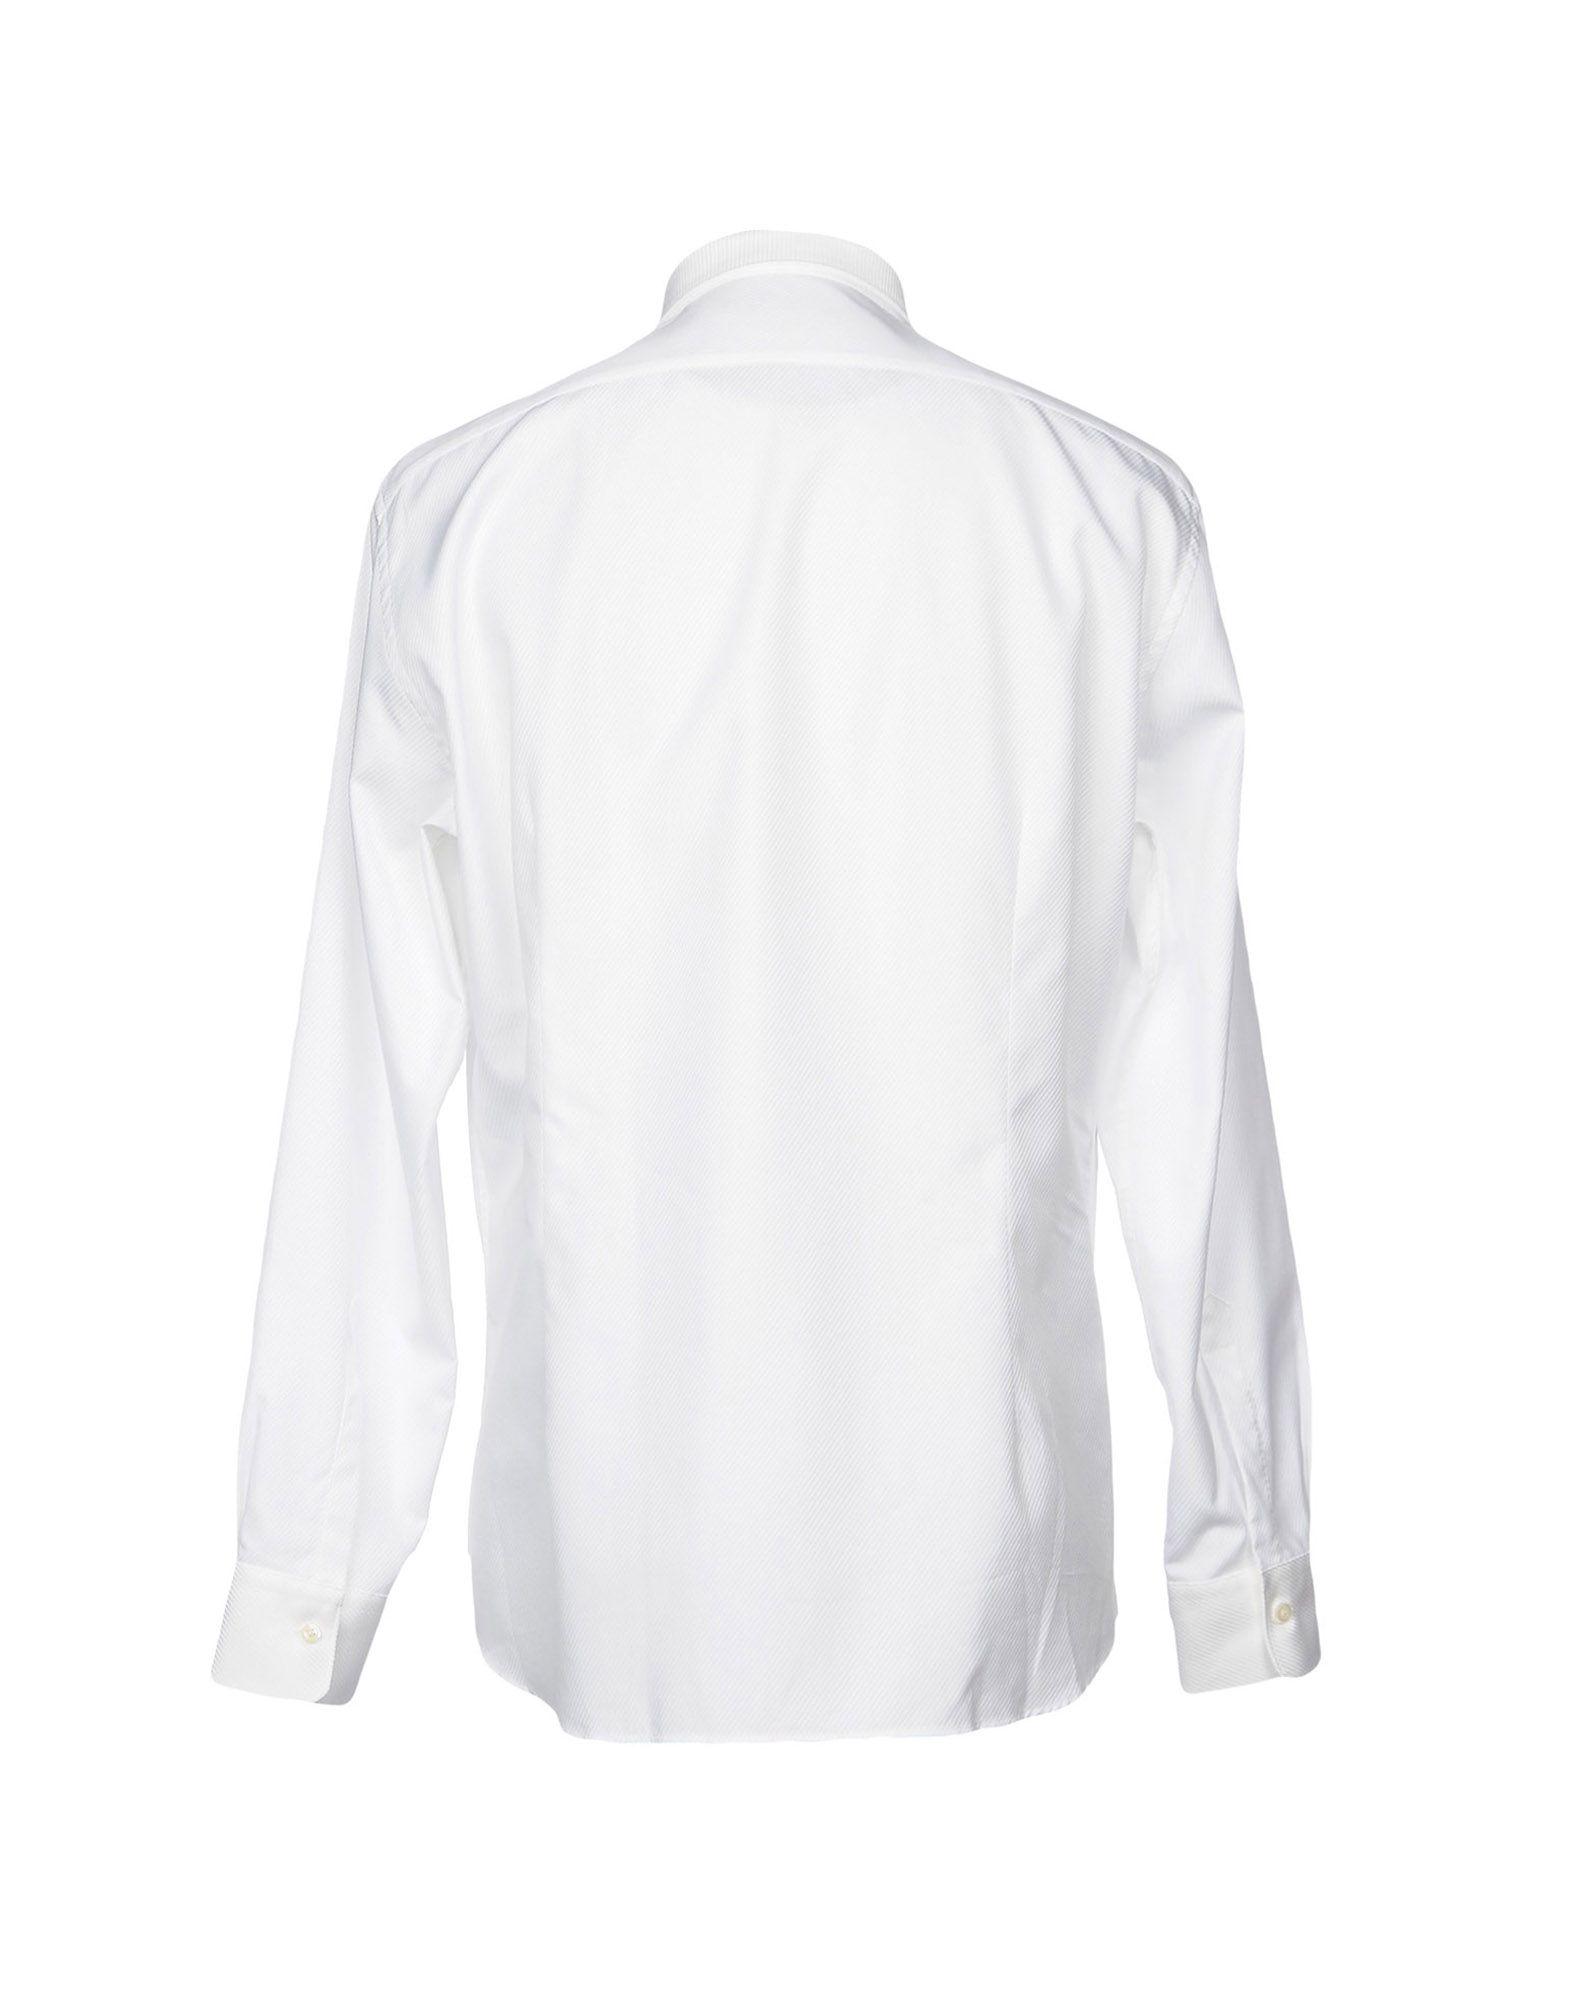 Camicia Camicia Camicia Tinta Unita Ingram Uomo - 38696837FQ 5f3703